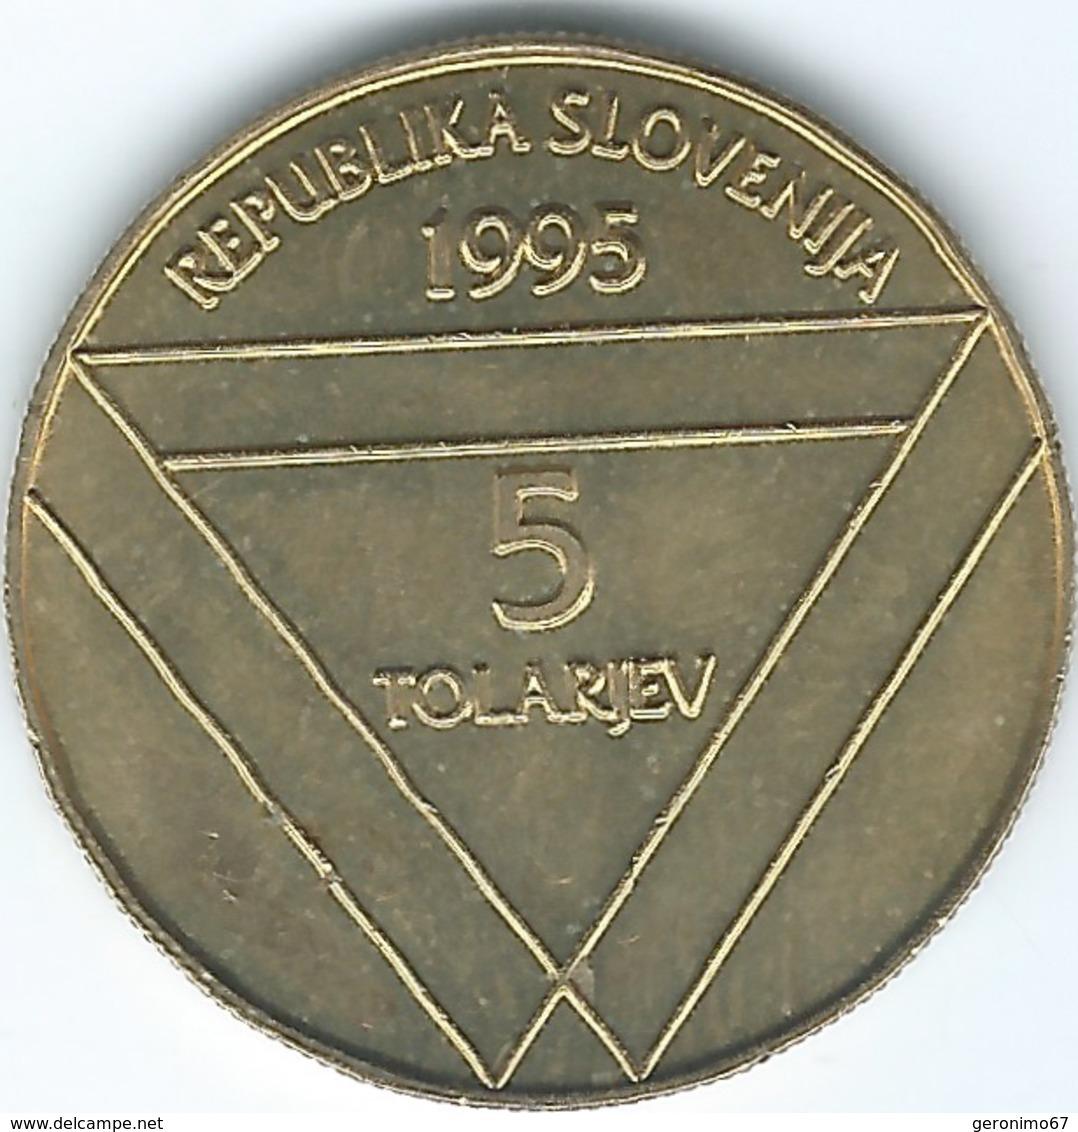 Slovenia - 1995 - 5 Tolarjev - Aljaž Turret - KM26 - Slovenia